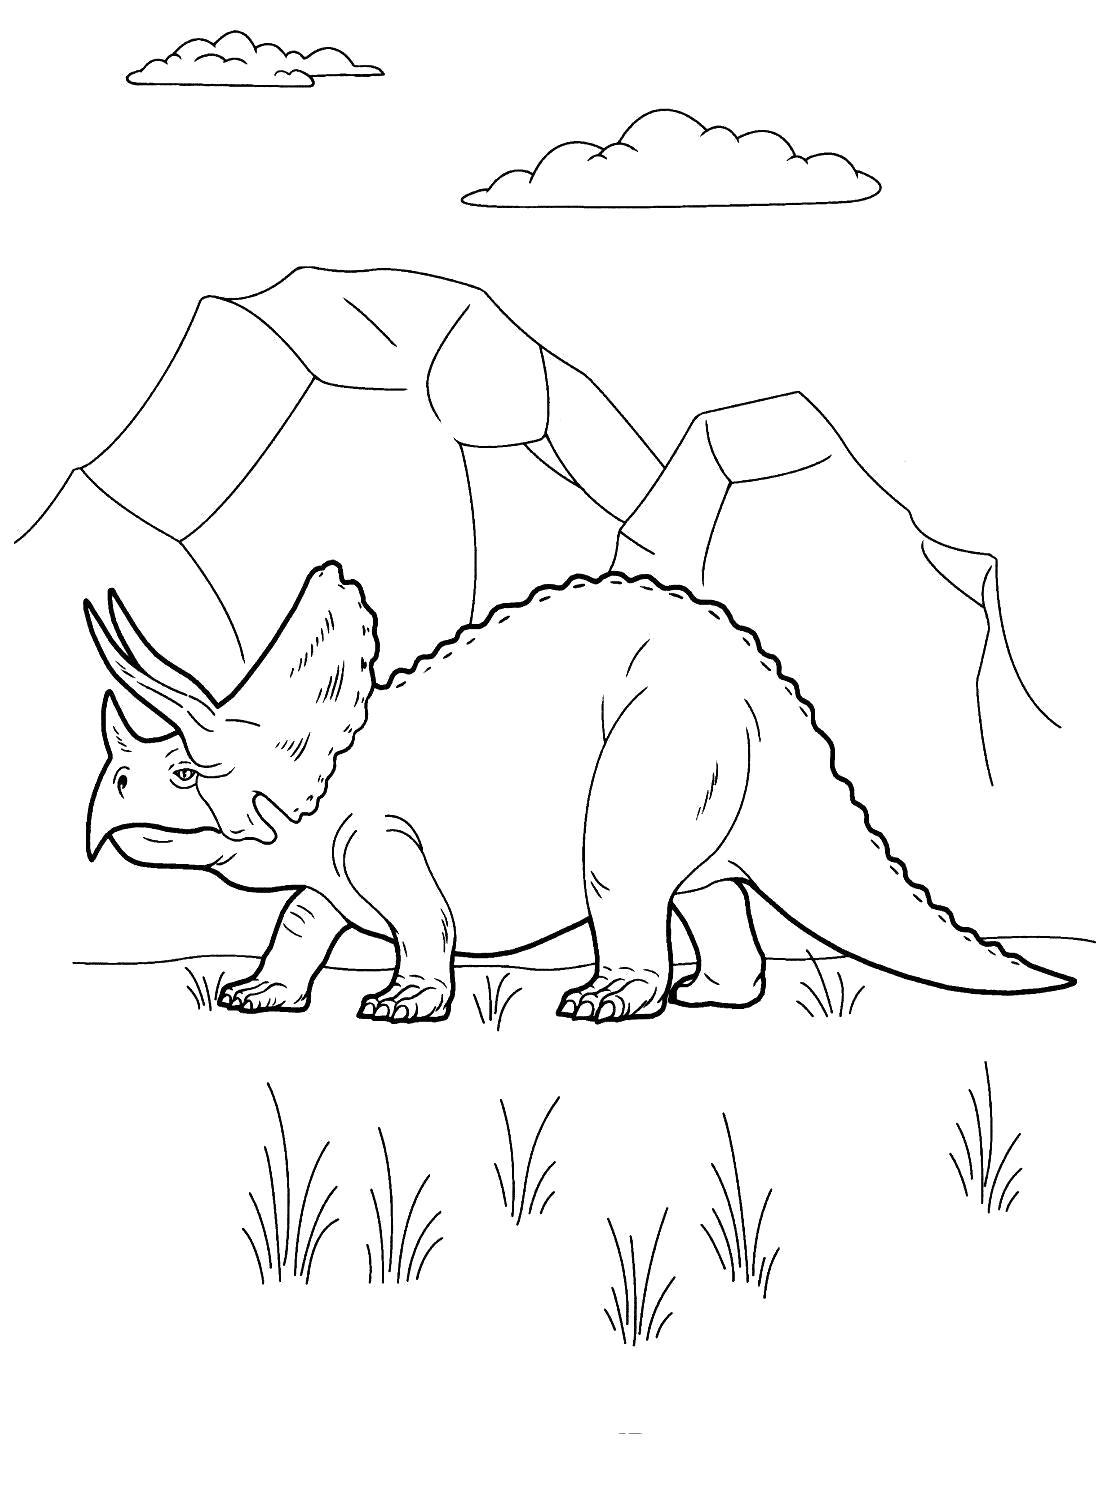 Раскраска Распечатать раскраску про динозавров. Скачать динозавр.  Распечатать динозавр